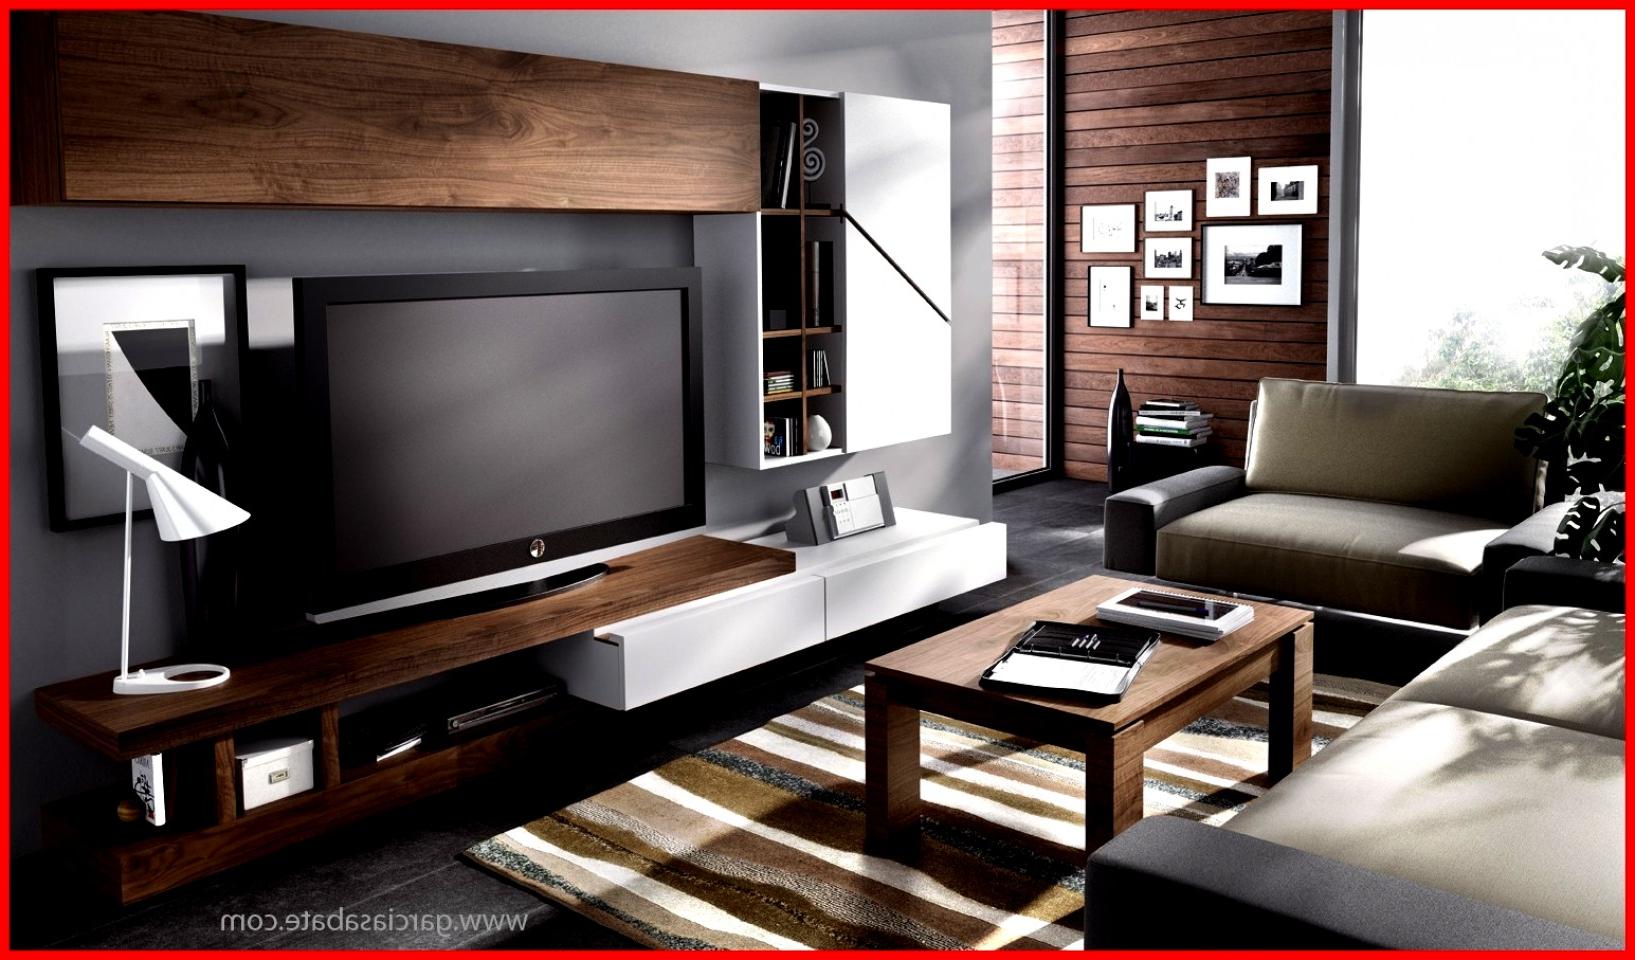 Muebles Tv Diseño T8dj Encantador Muebles Edor Dise O Imagen De Accesorios